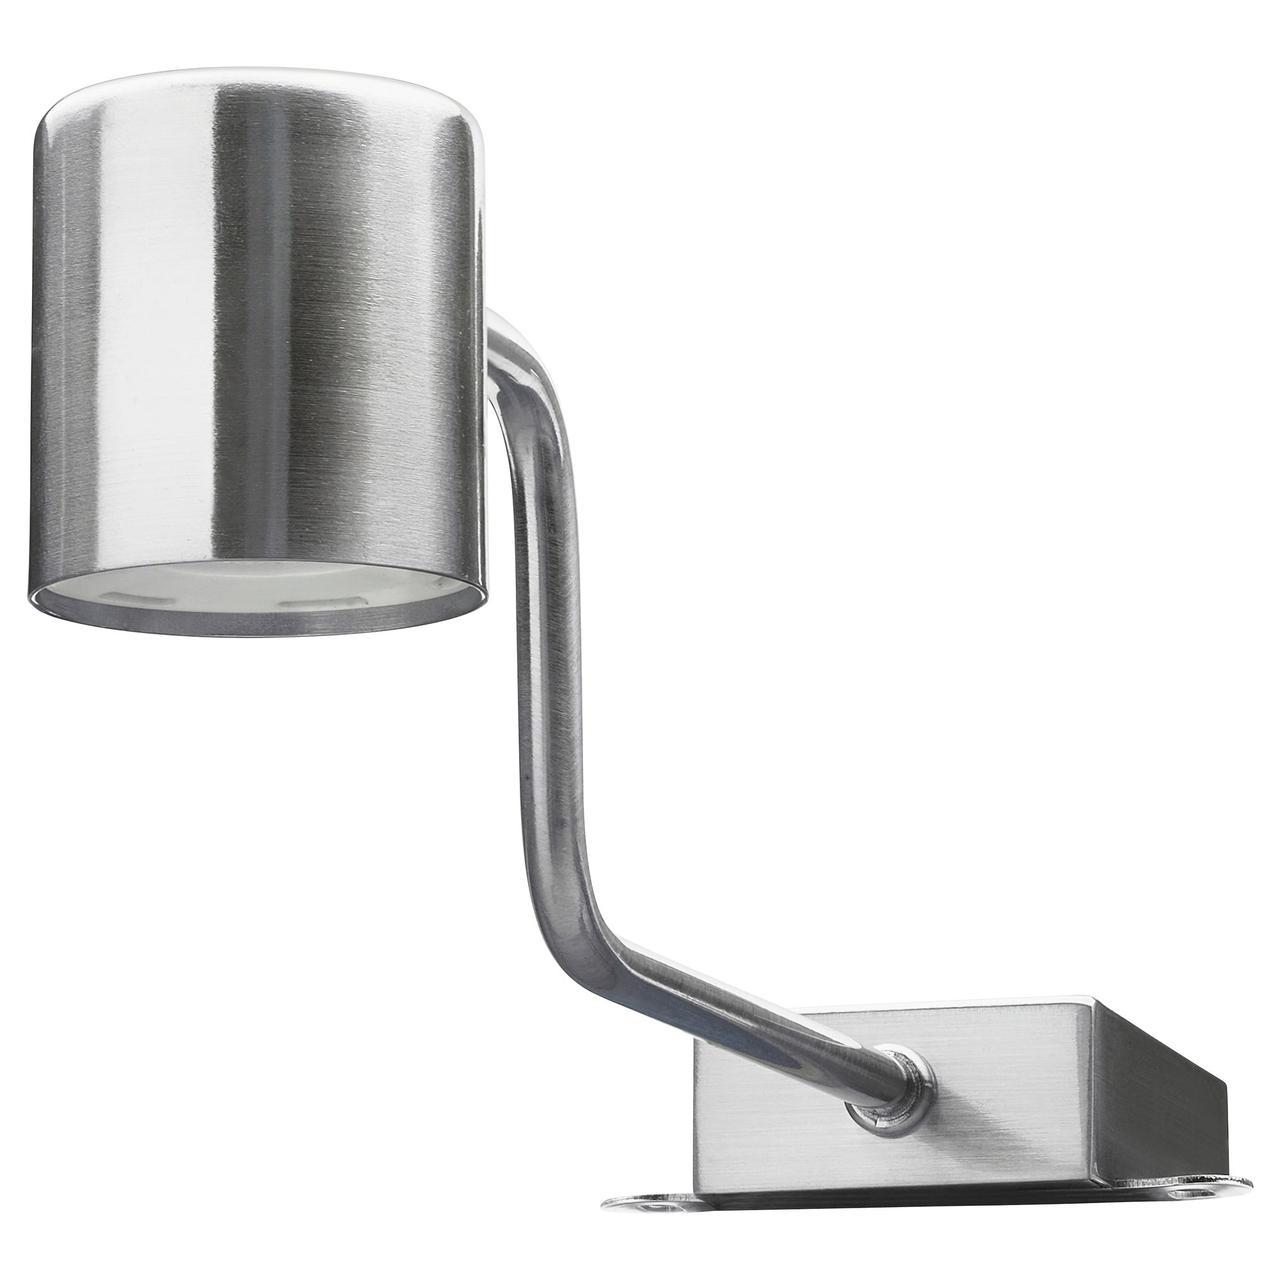 УРСГУЛЬТ Светодиодная подсветка шкафа, никелированный